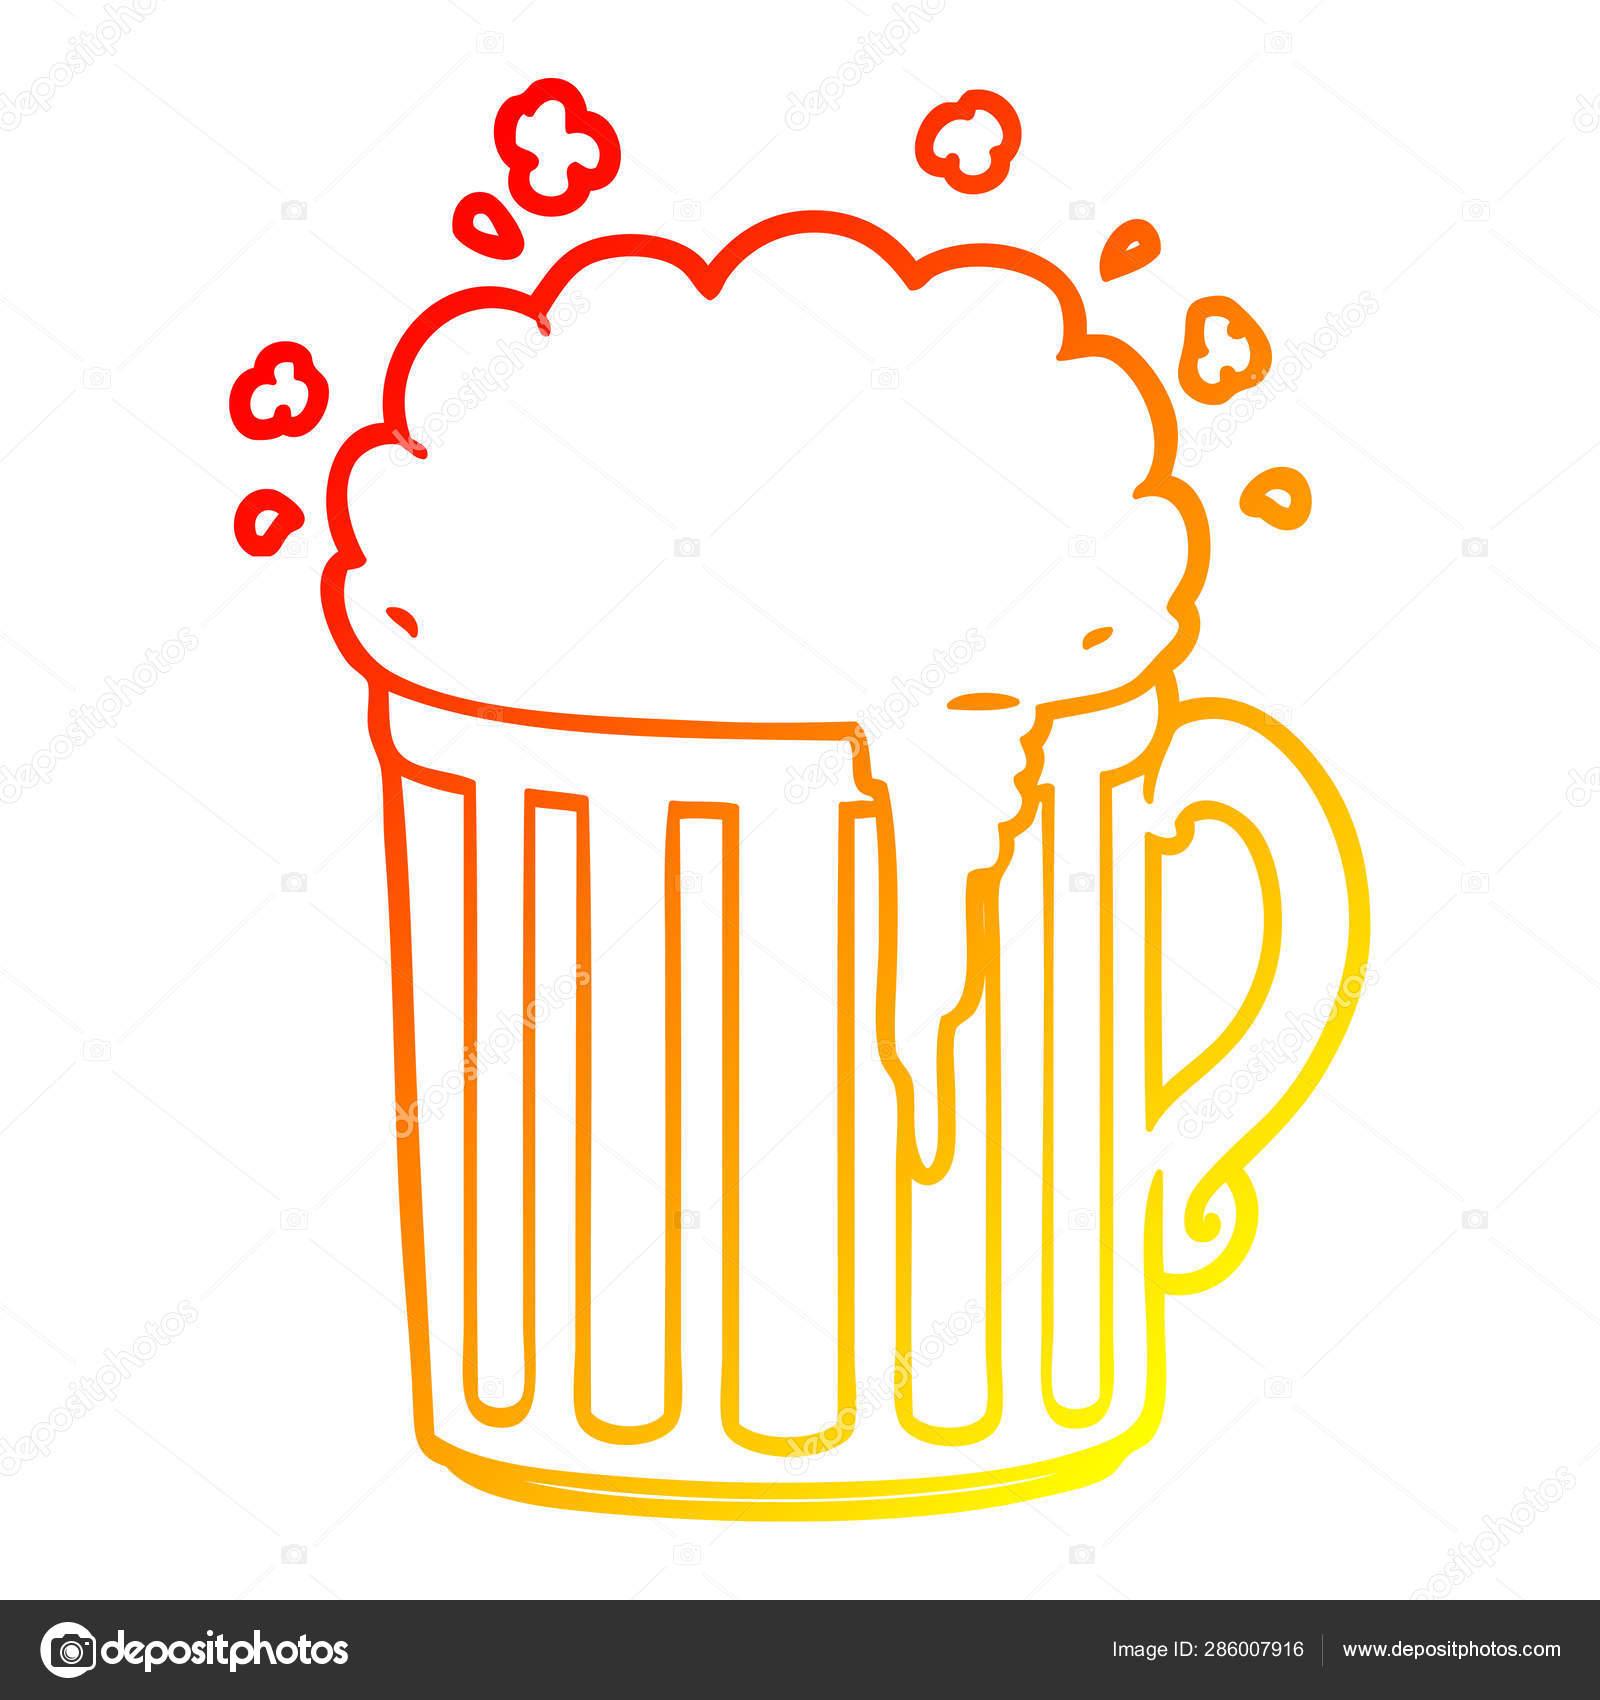 Warm Gradient Line Drawing Cartoon Mug Of Beer Stock Vector C Lineartestpilot 286007916